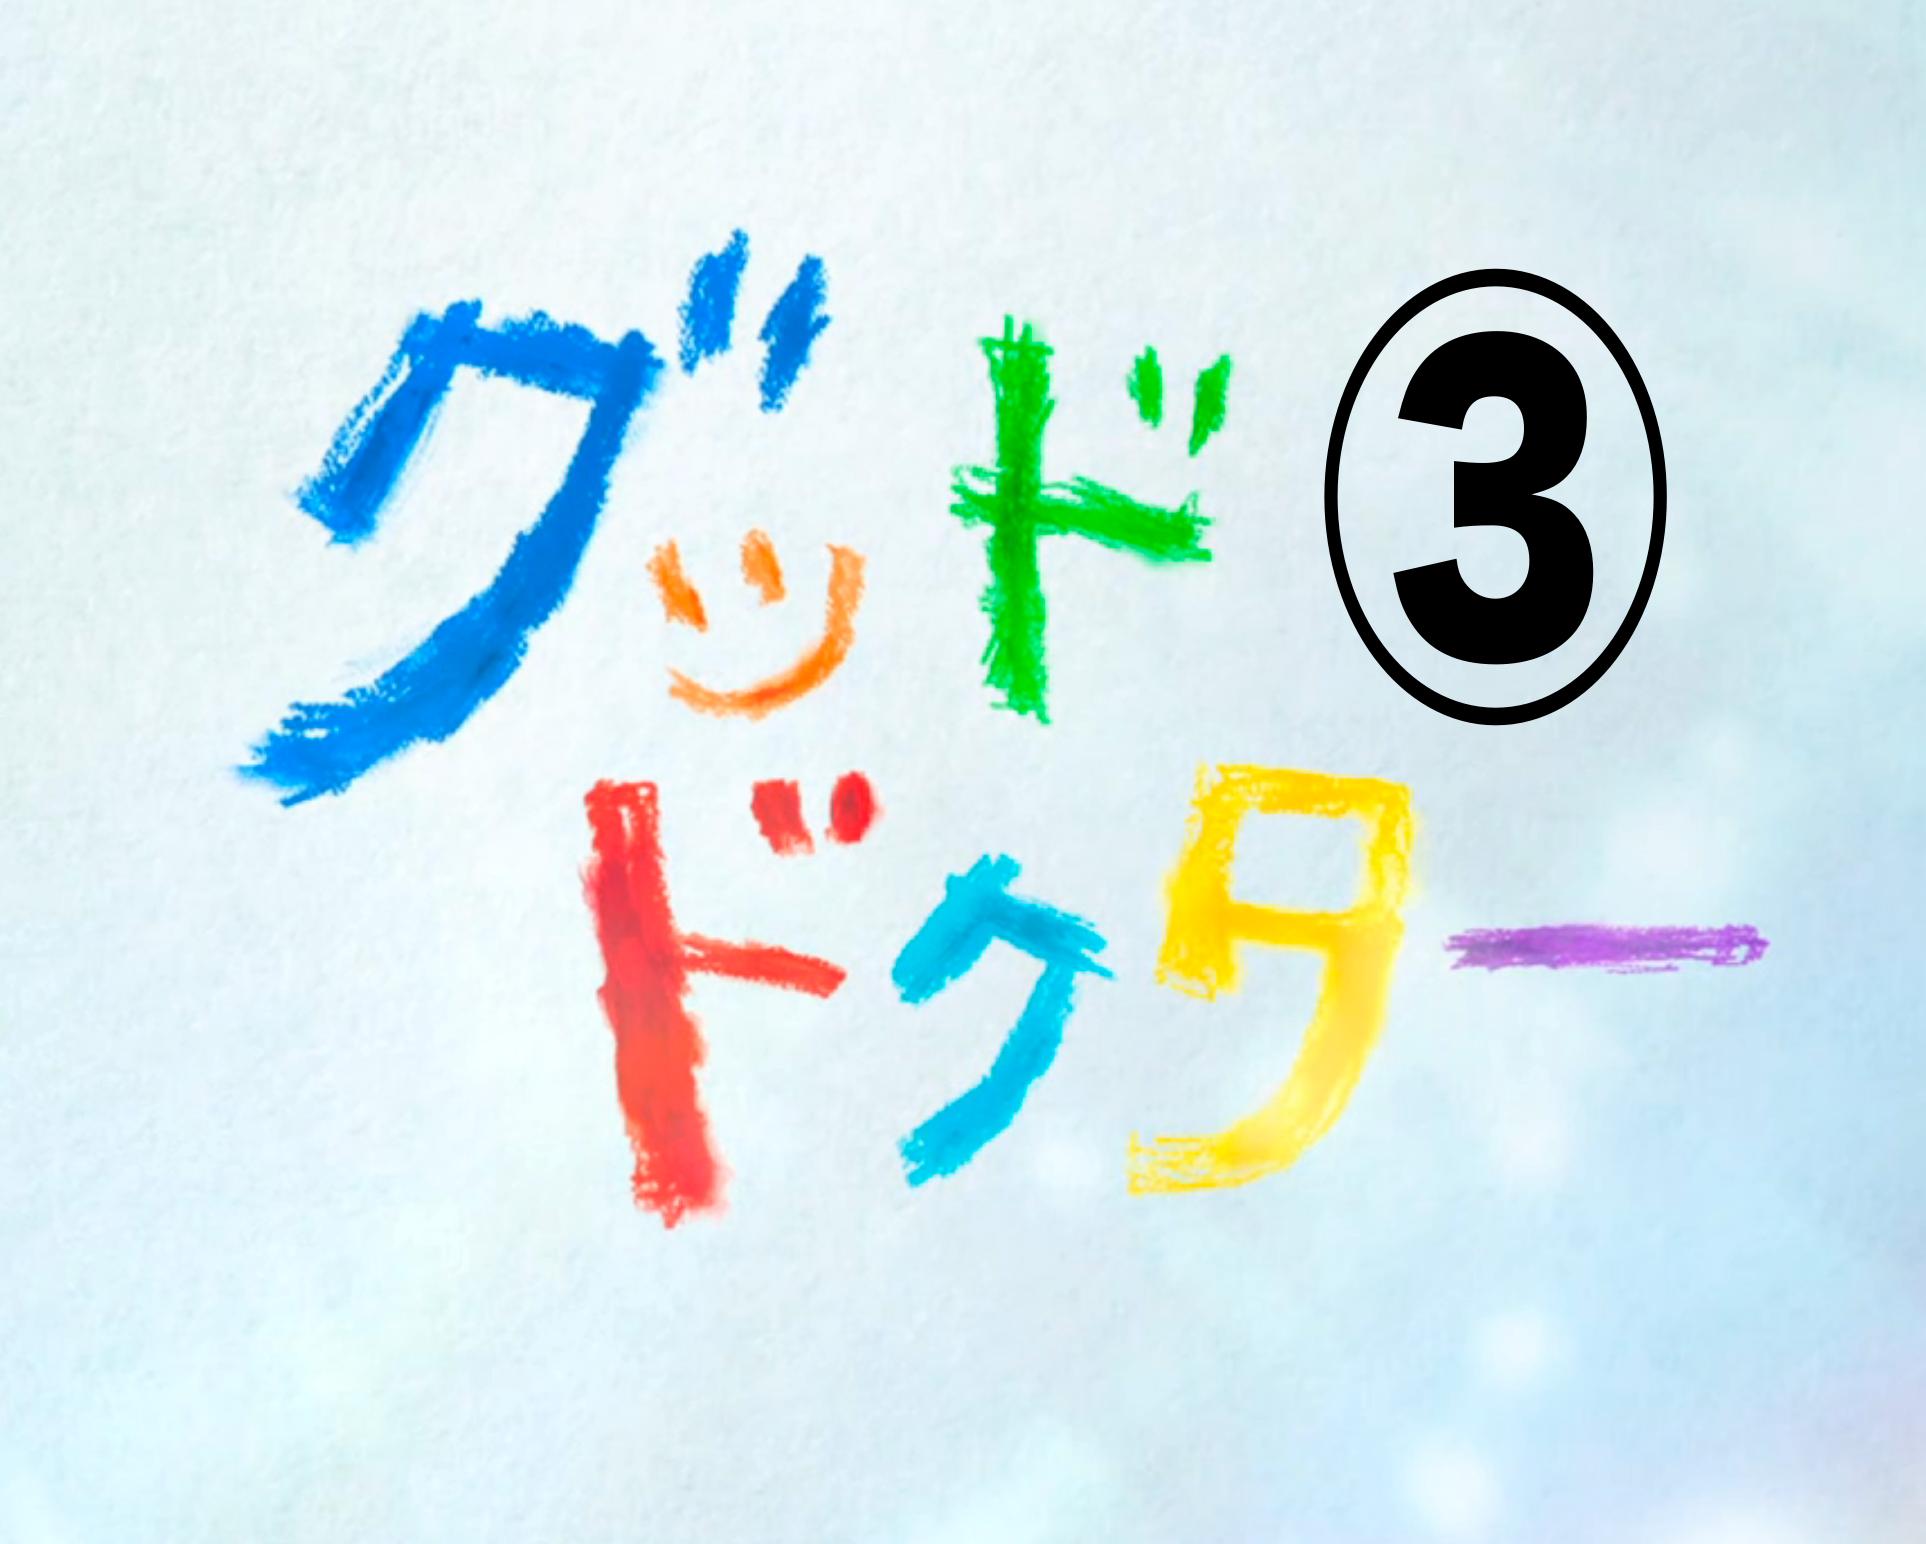 【ドラマ】グッド・ドクター【第3話】高山が居ない病院で夏美が少女を緊急手術!